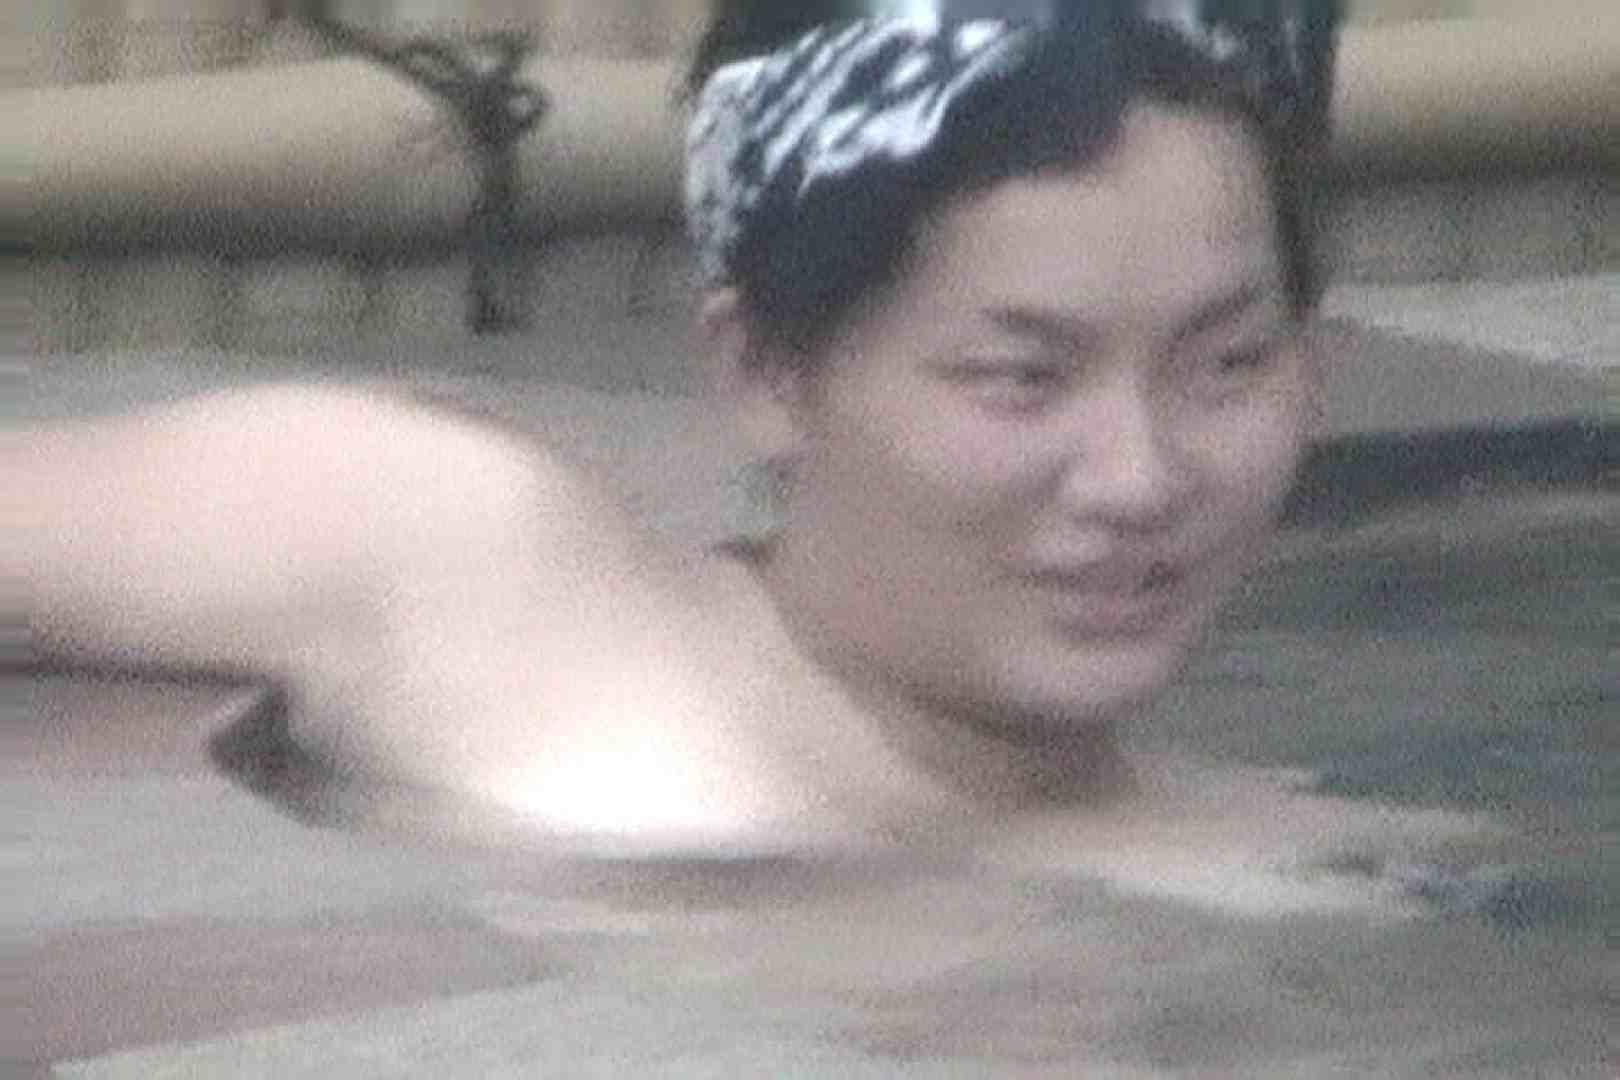 Aquaな露天風呂Vol.103 美しいOLの裸体 | 盗撮師作品  85pic 46